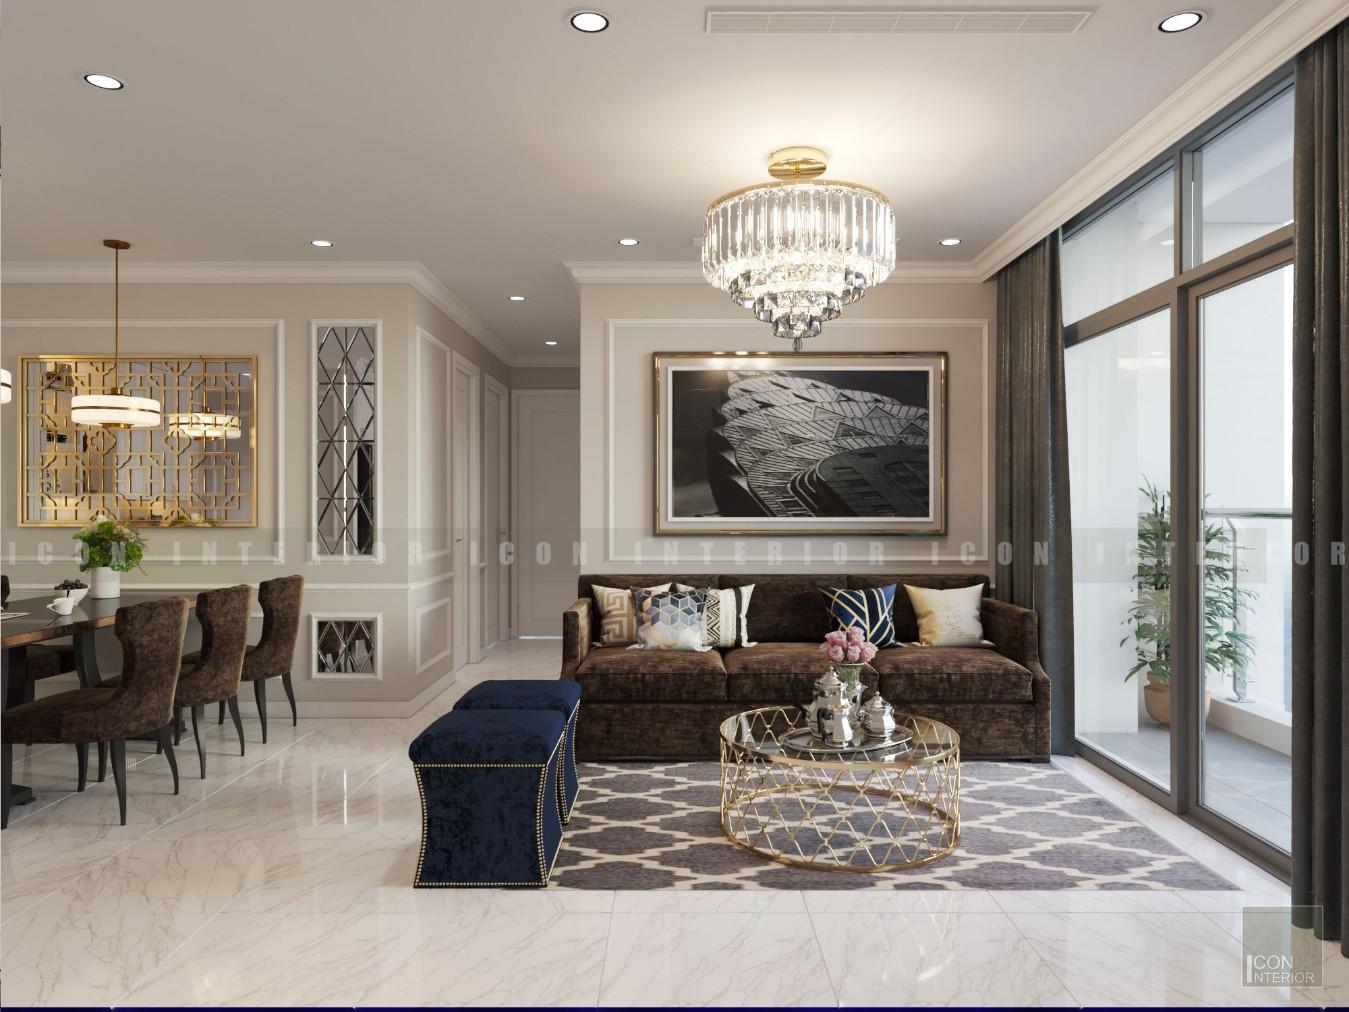 thiết kế nội thất phong cách tân cổ điển - phòng khách